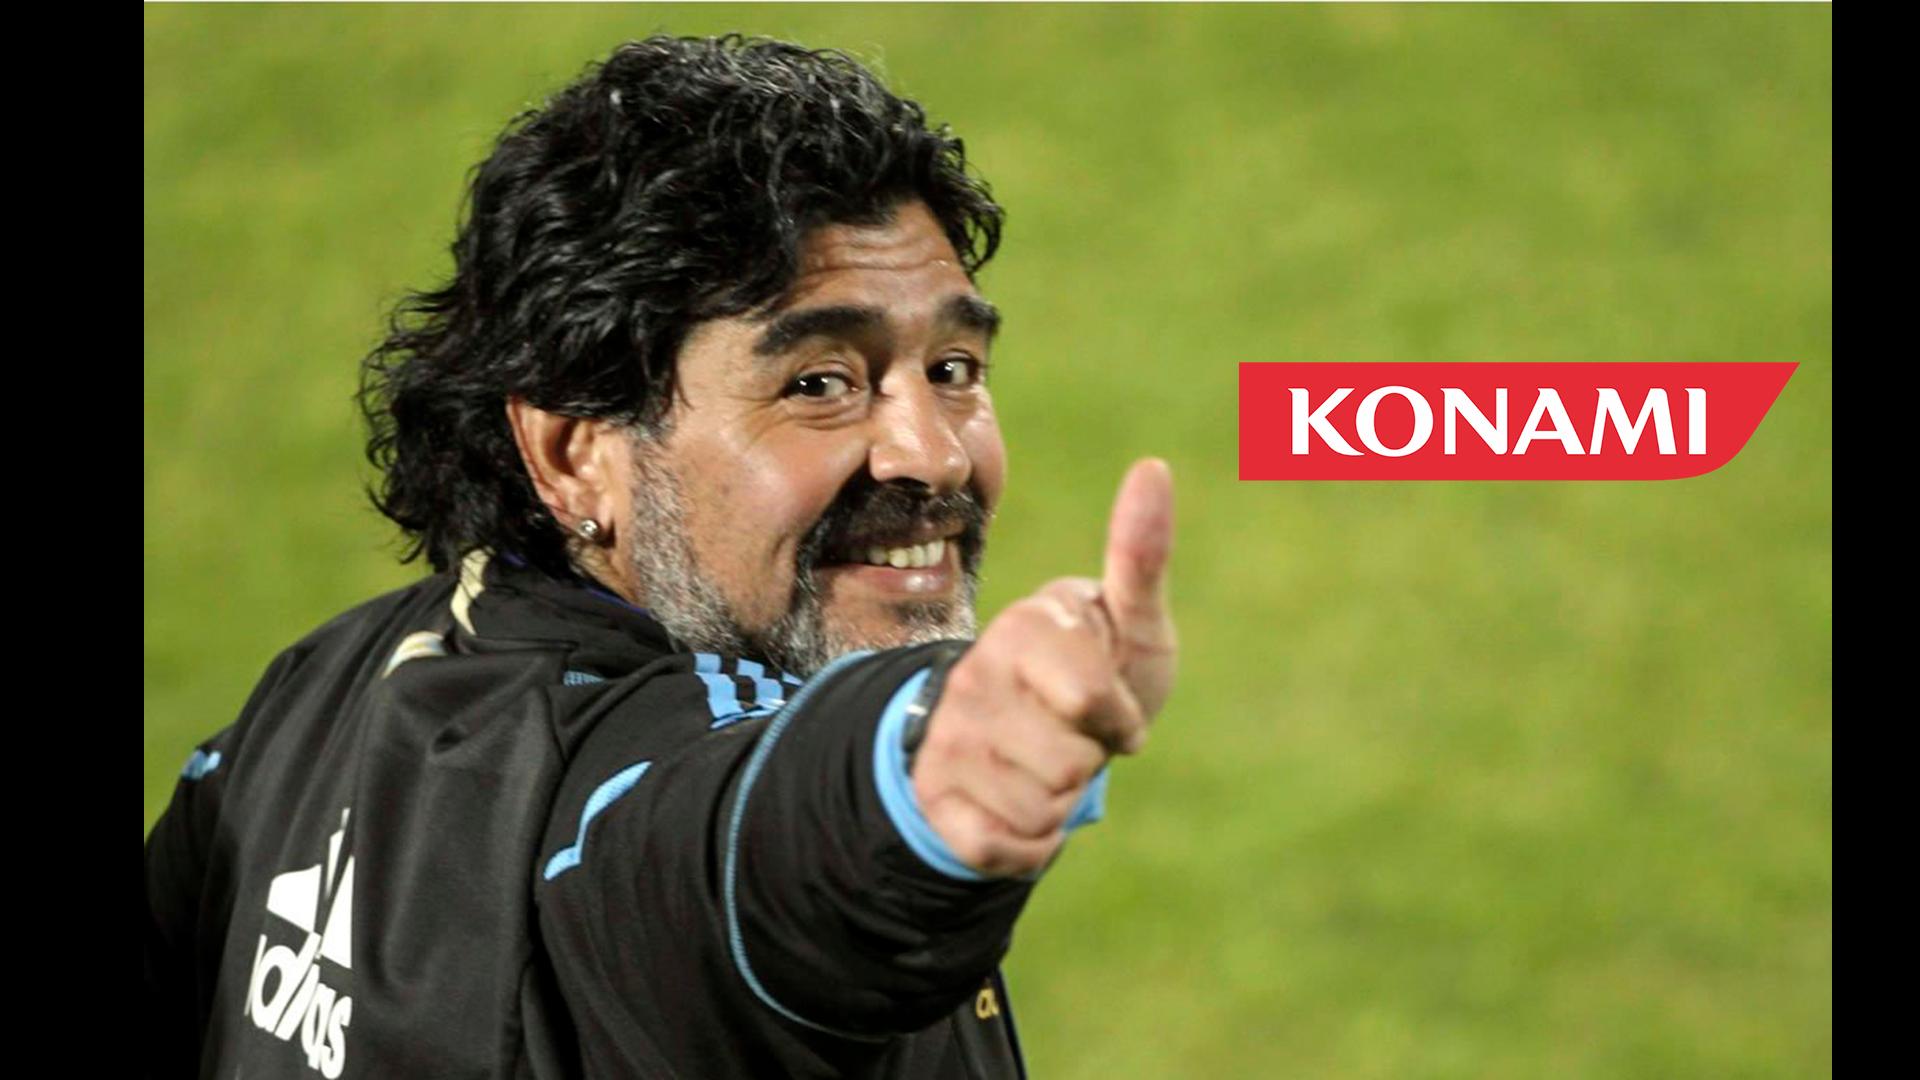 Maradona Vs Konami: Una novela con final feliz y Diego como embajador!